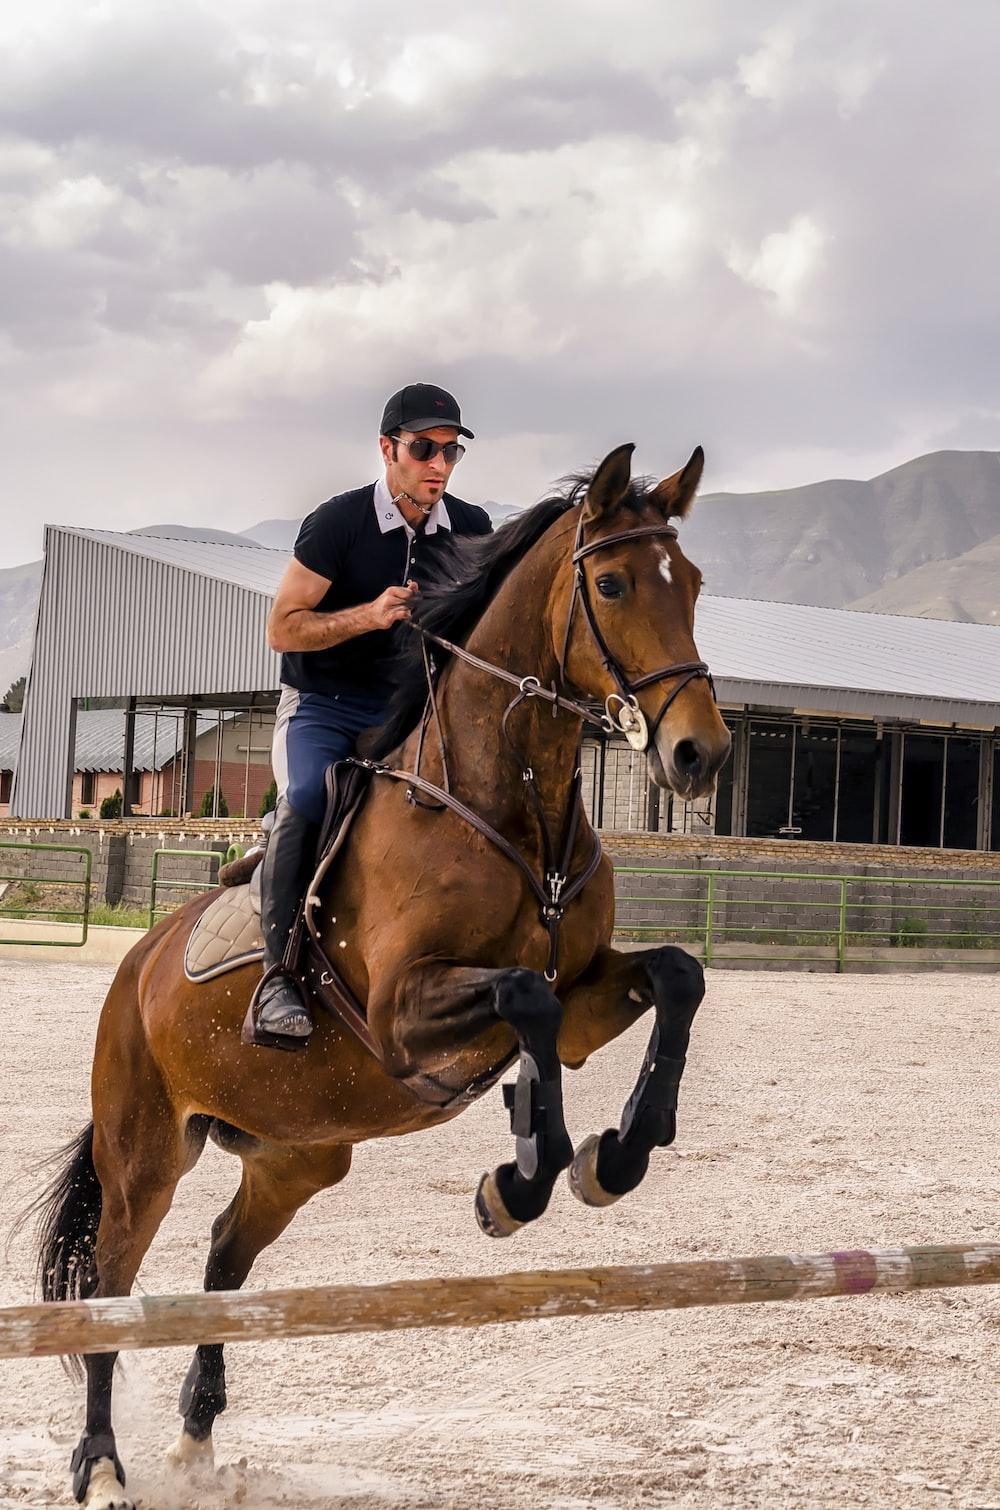 man wearing black cap riding brown horse